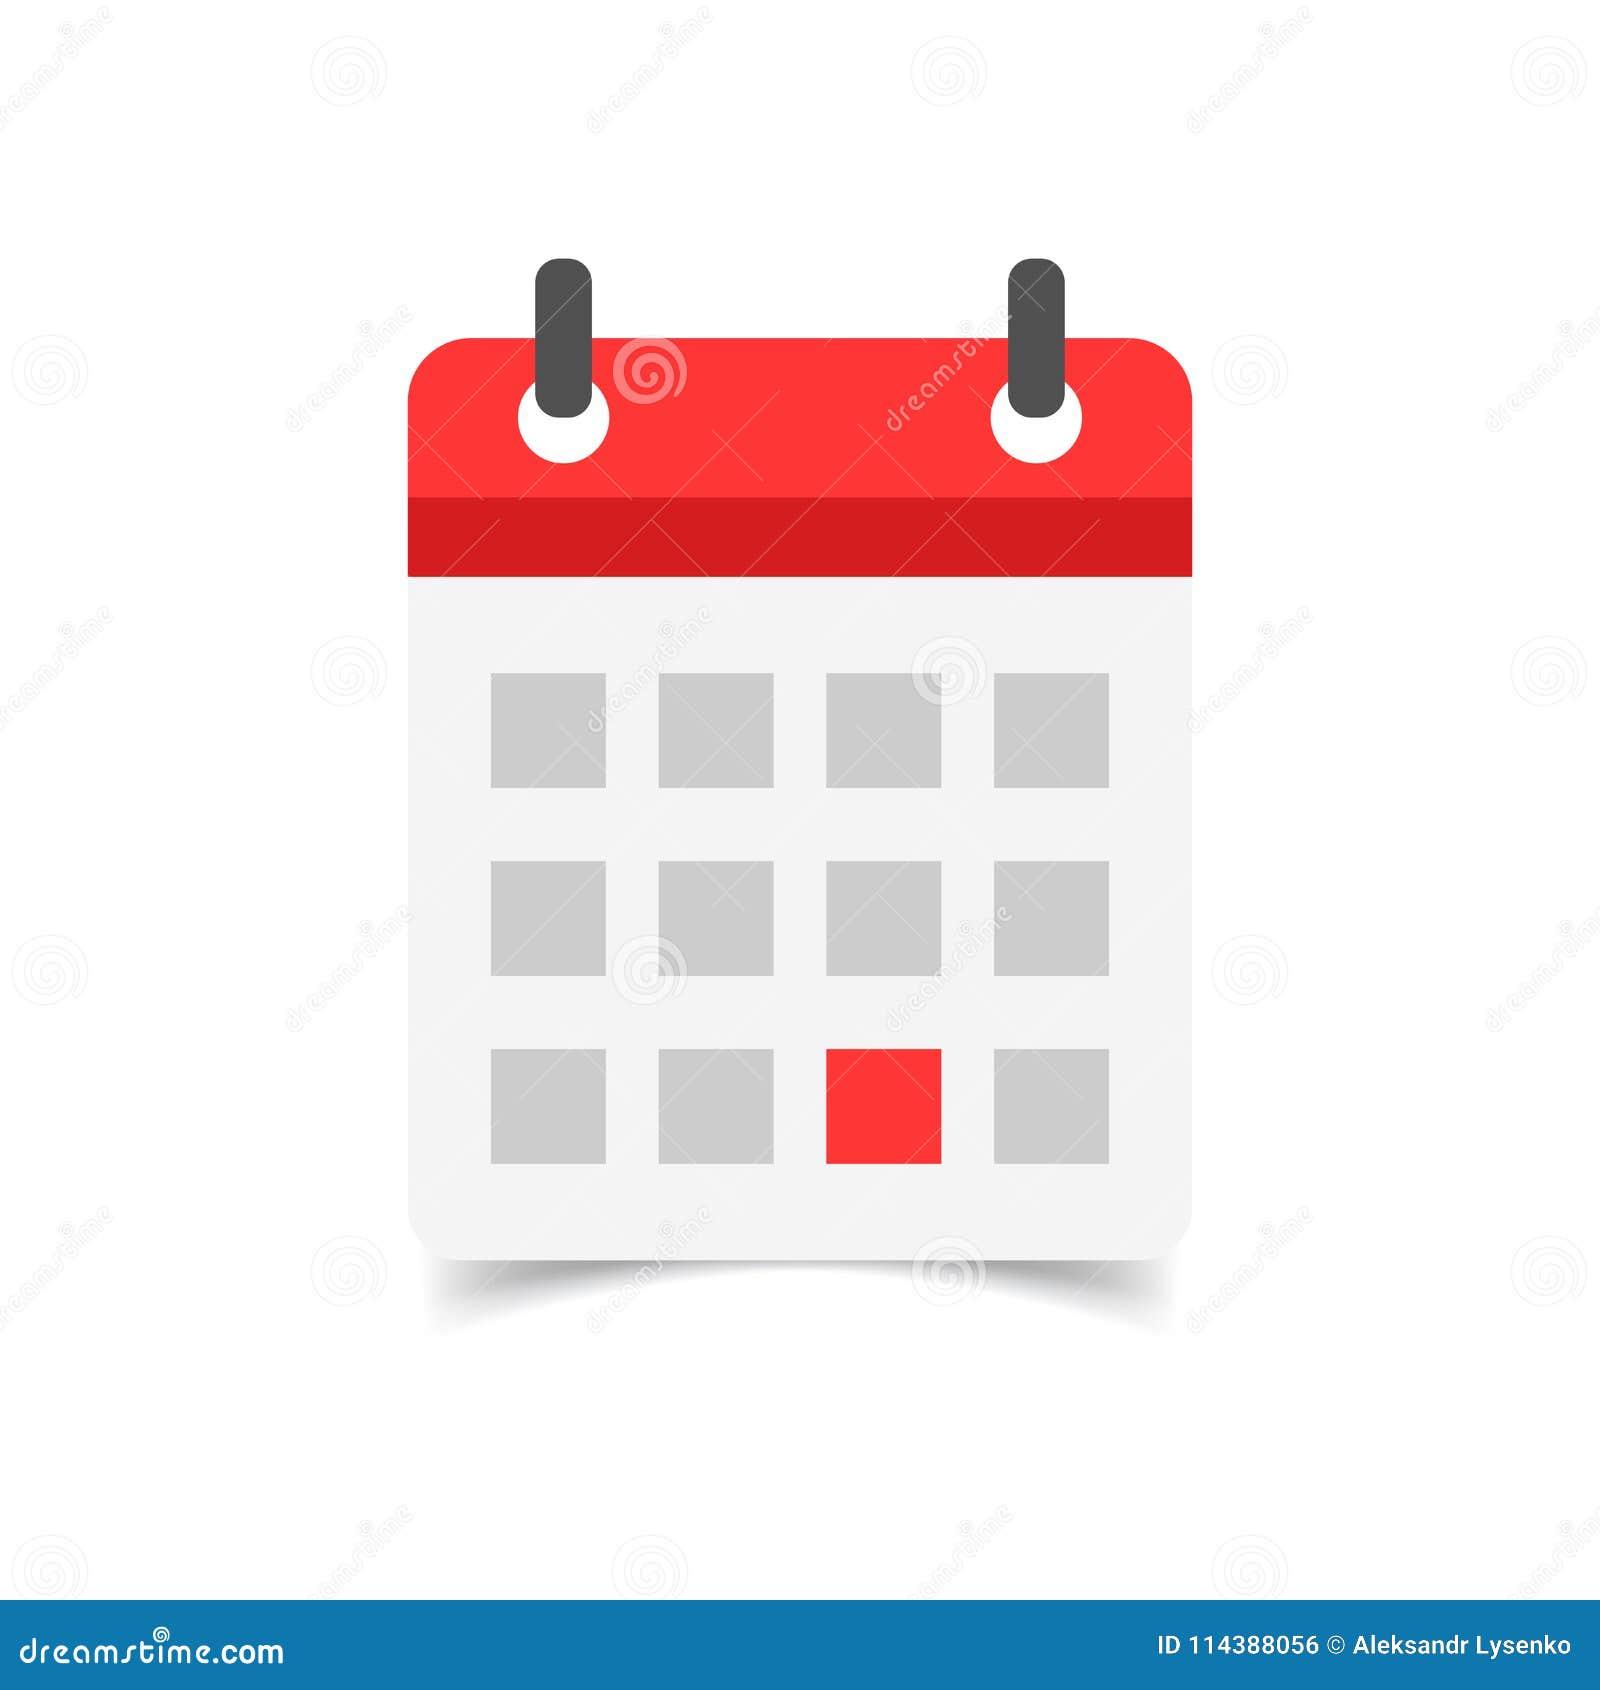 Calendario Icona.Icona Di Vettore Di Ordine Del Giorno Del Calendario Nello